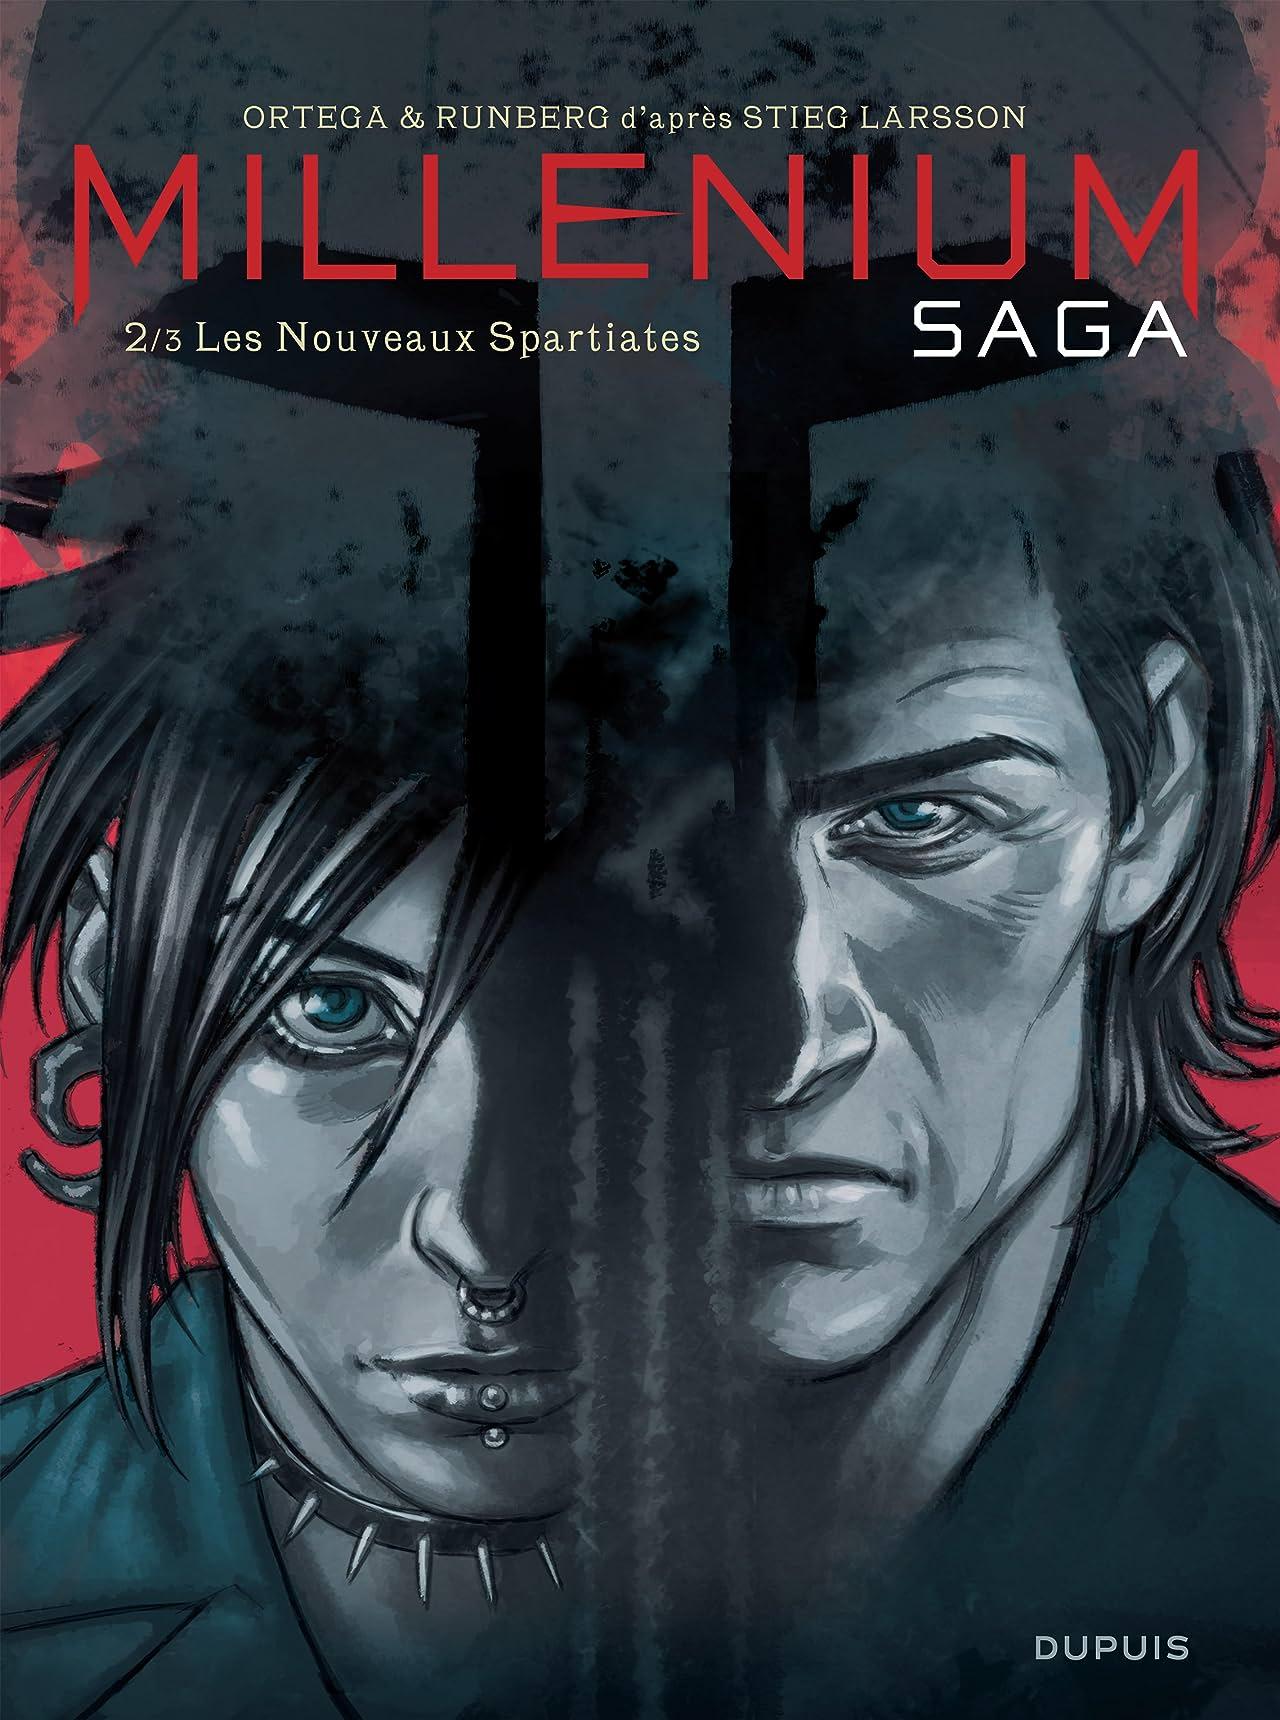 Millénium saga Vol. 2: Les Nouveaux Spartiates